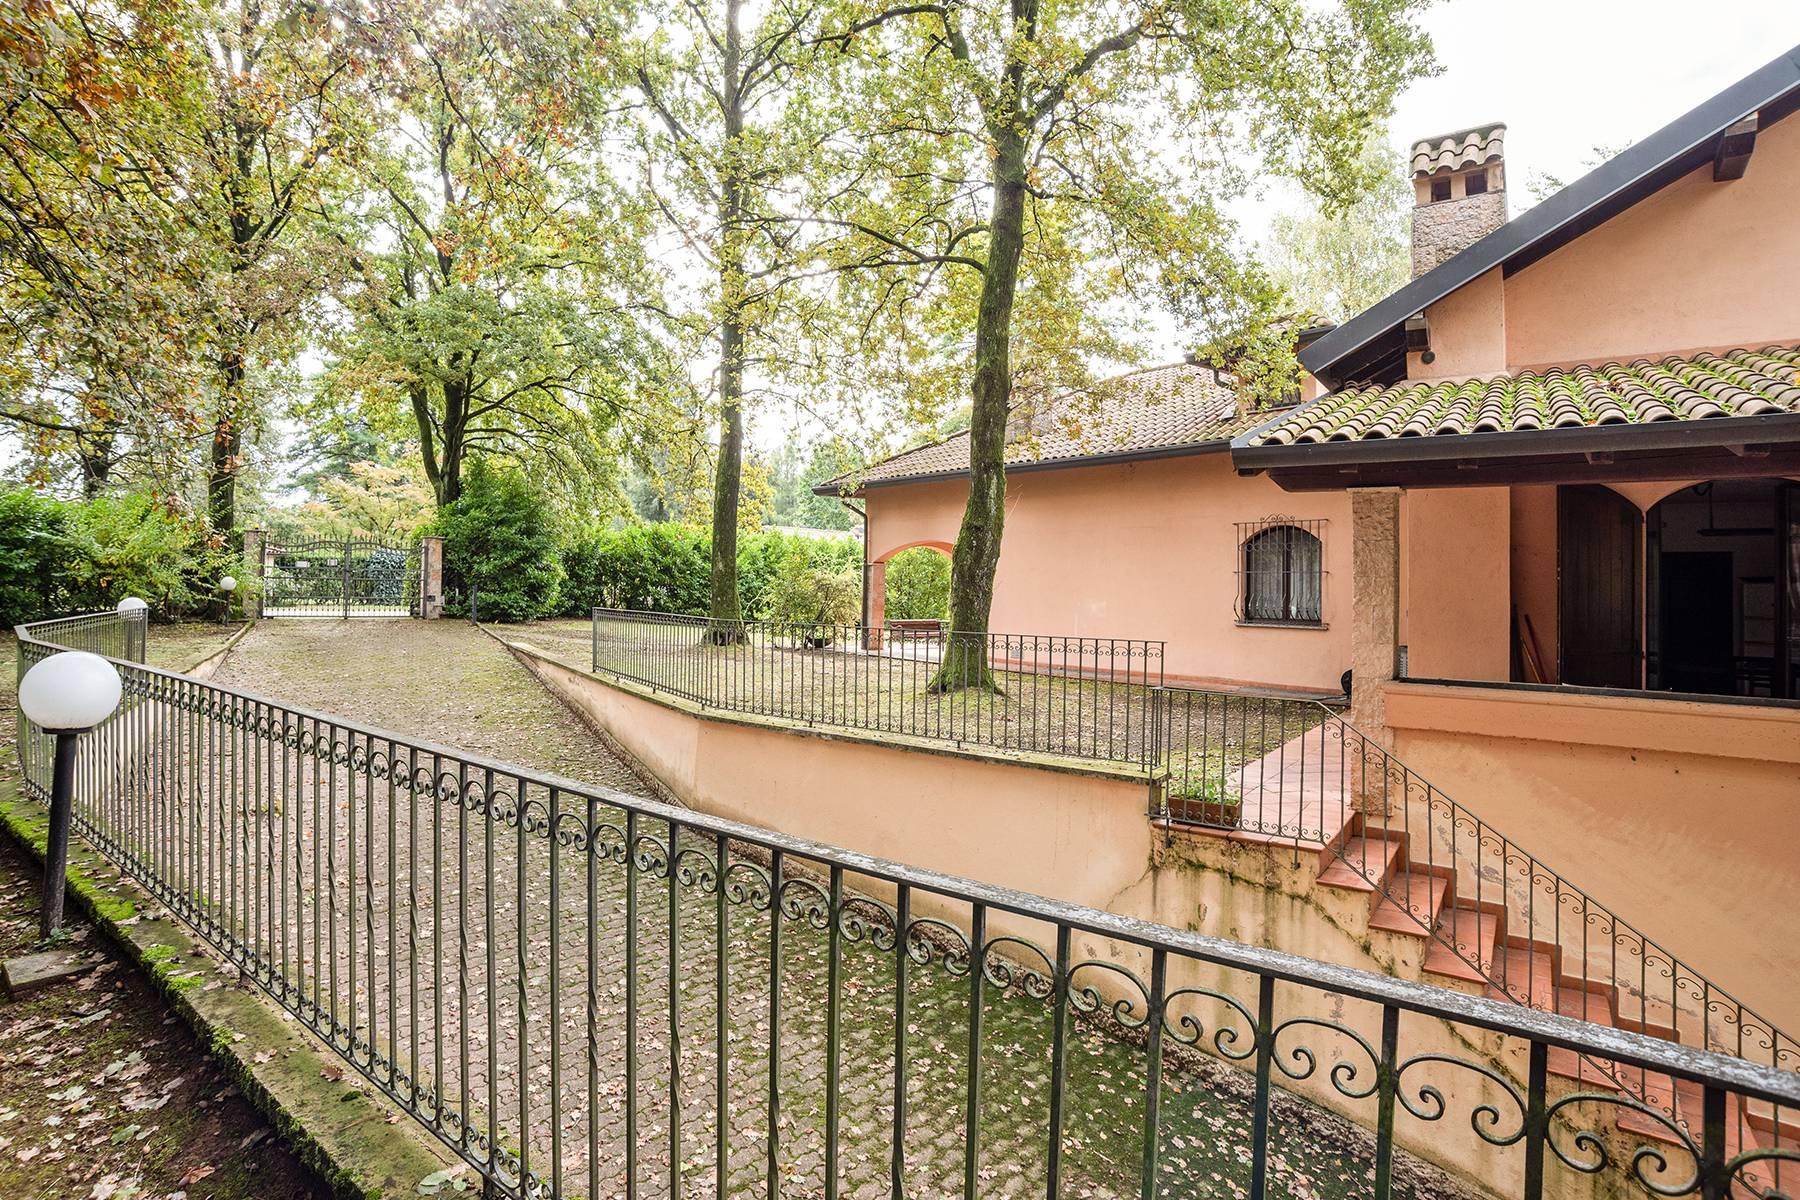 Villa in Vendita a Guanzate: 5 locali, 800 mq - Foto 9